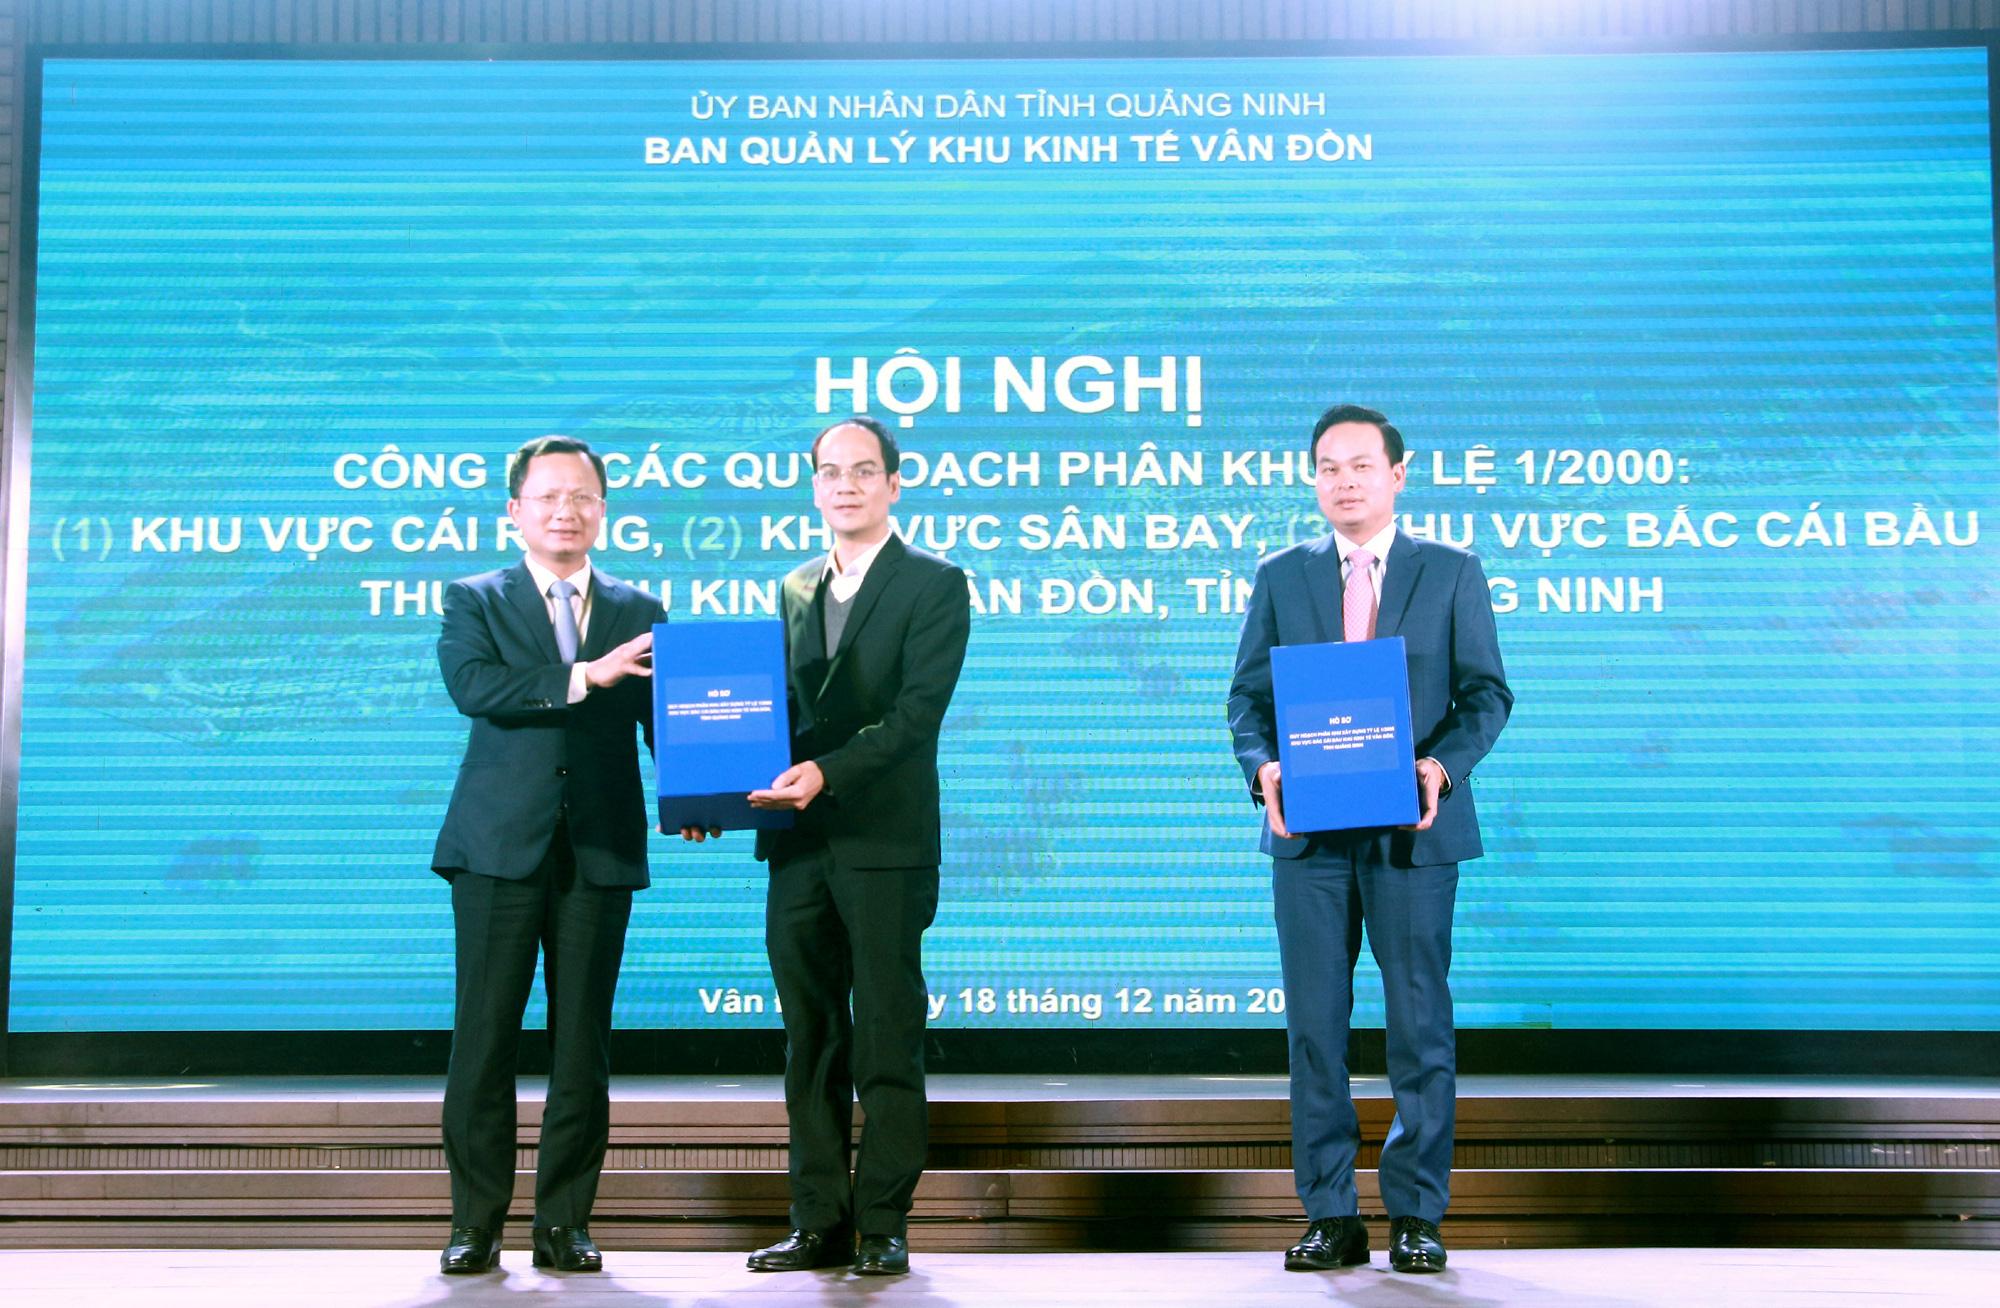 Quảng Ninh công bố quy hoạch 3 phân khu thuộc Khu kinh tế Vân Đồn - Ảnh 1.